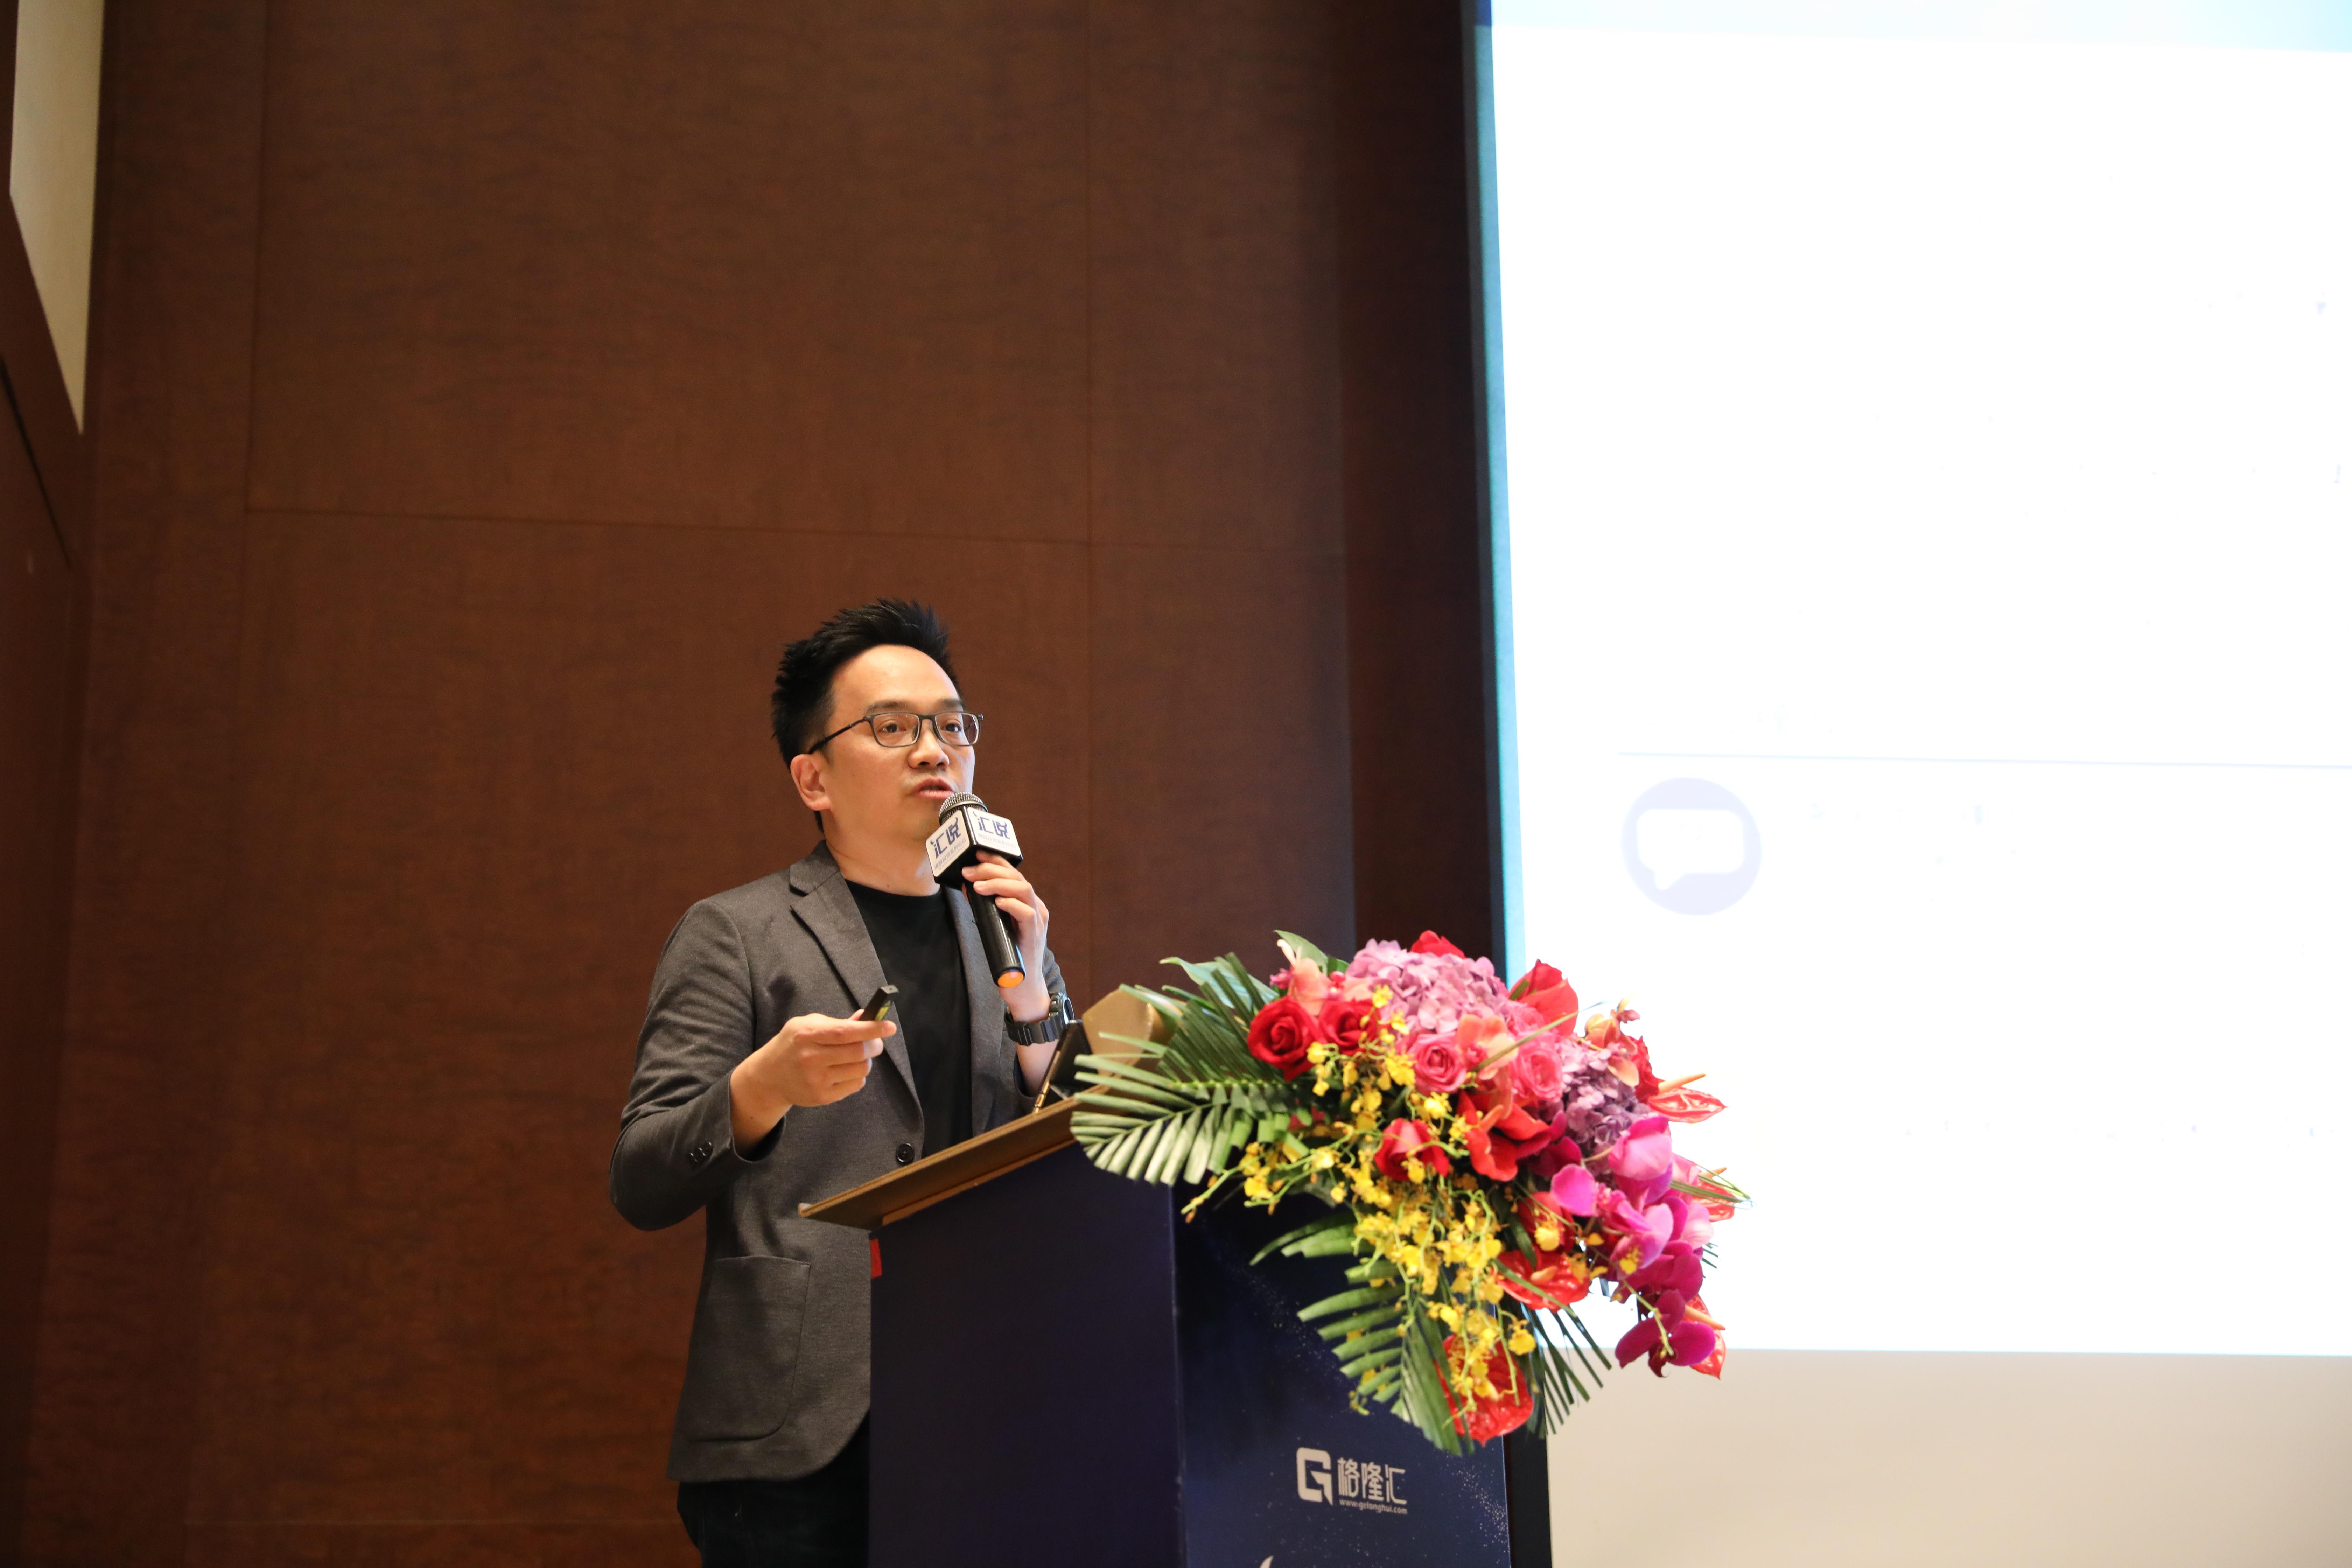 极光(usJG)首席财务官黄尚能:数据如何改变生活